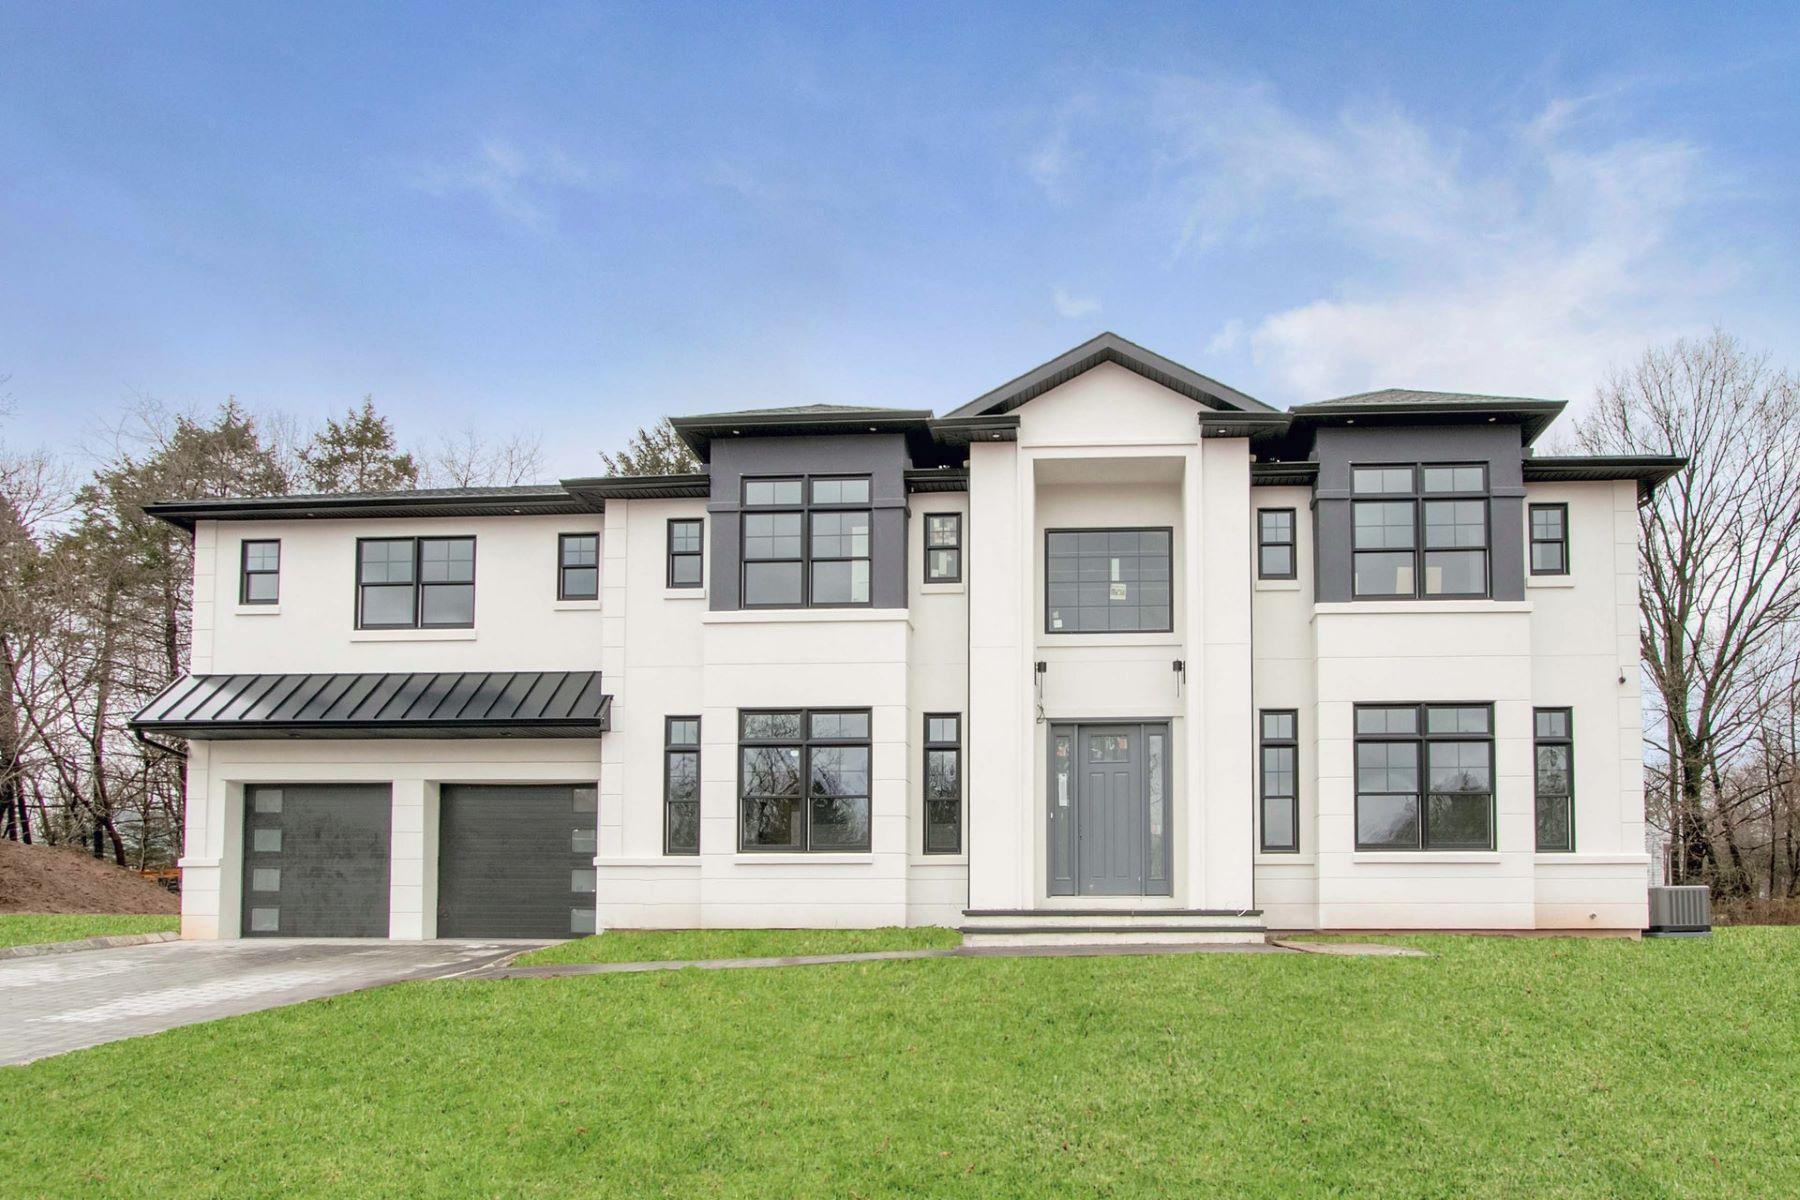 Villa per Vendita alle ore Knickerbocker Estates 3 Forcier Court, Tenafly, New Jersey 07670 Stati Uniti